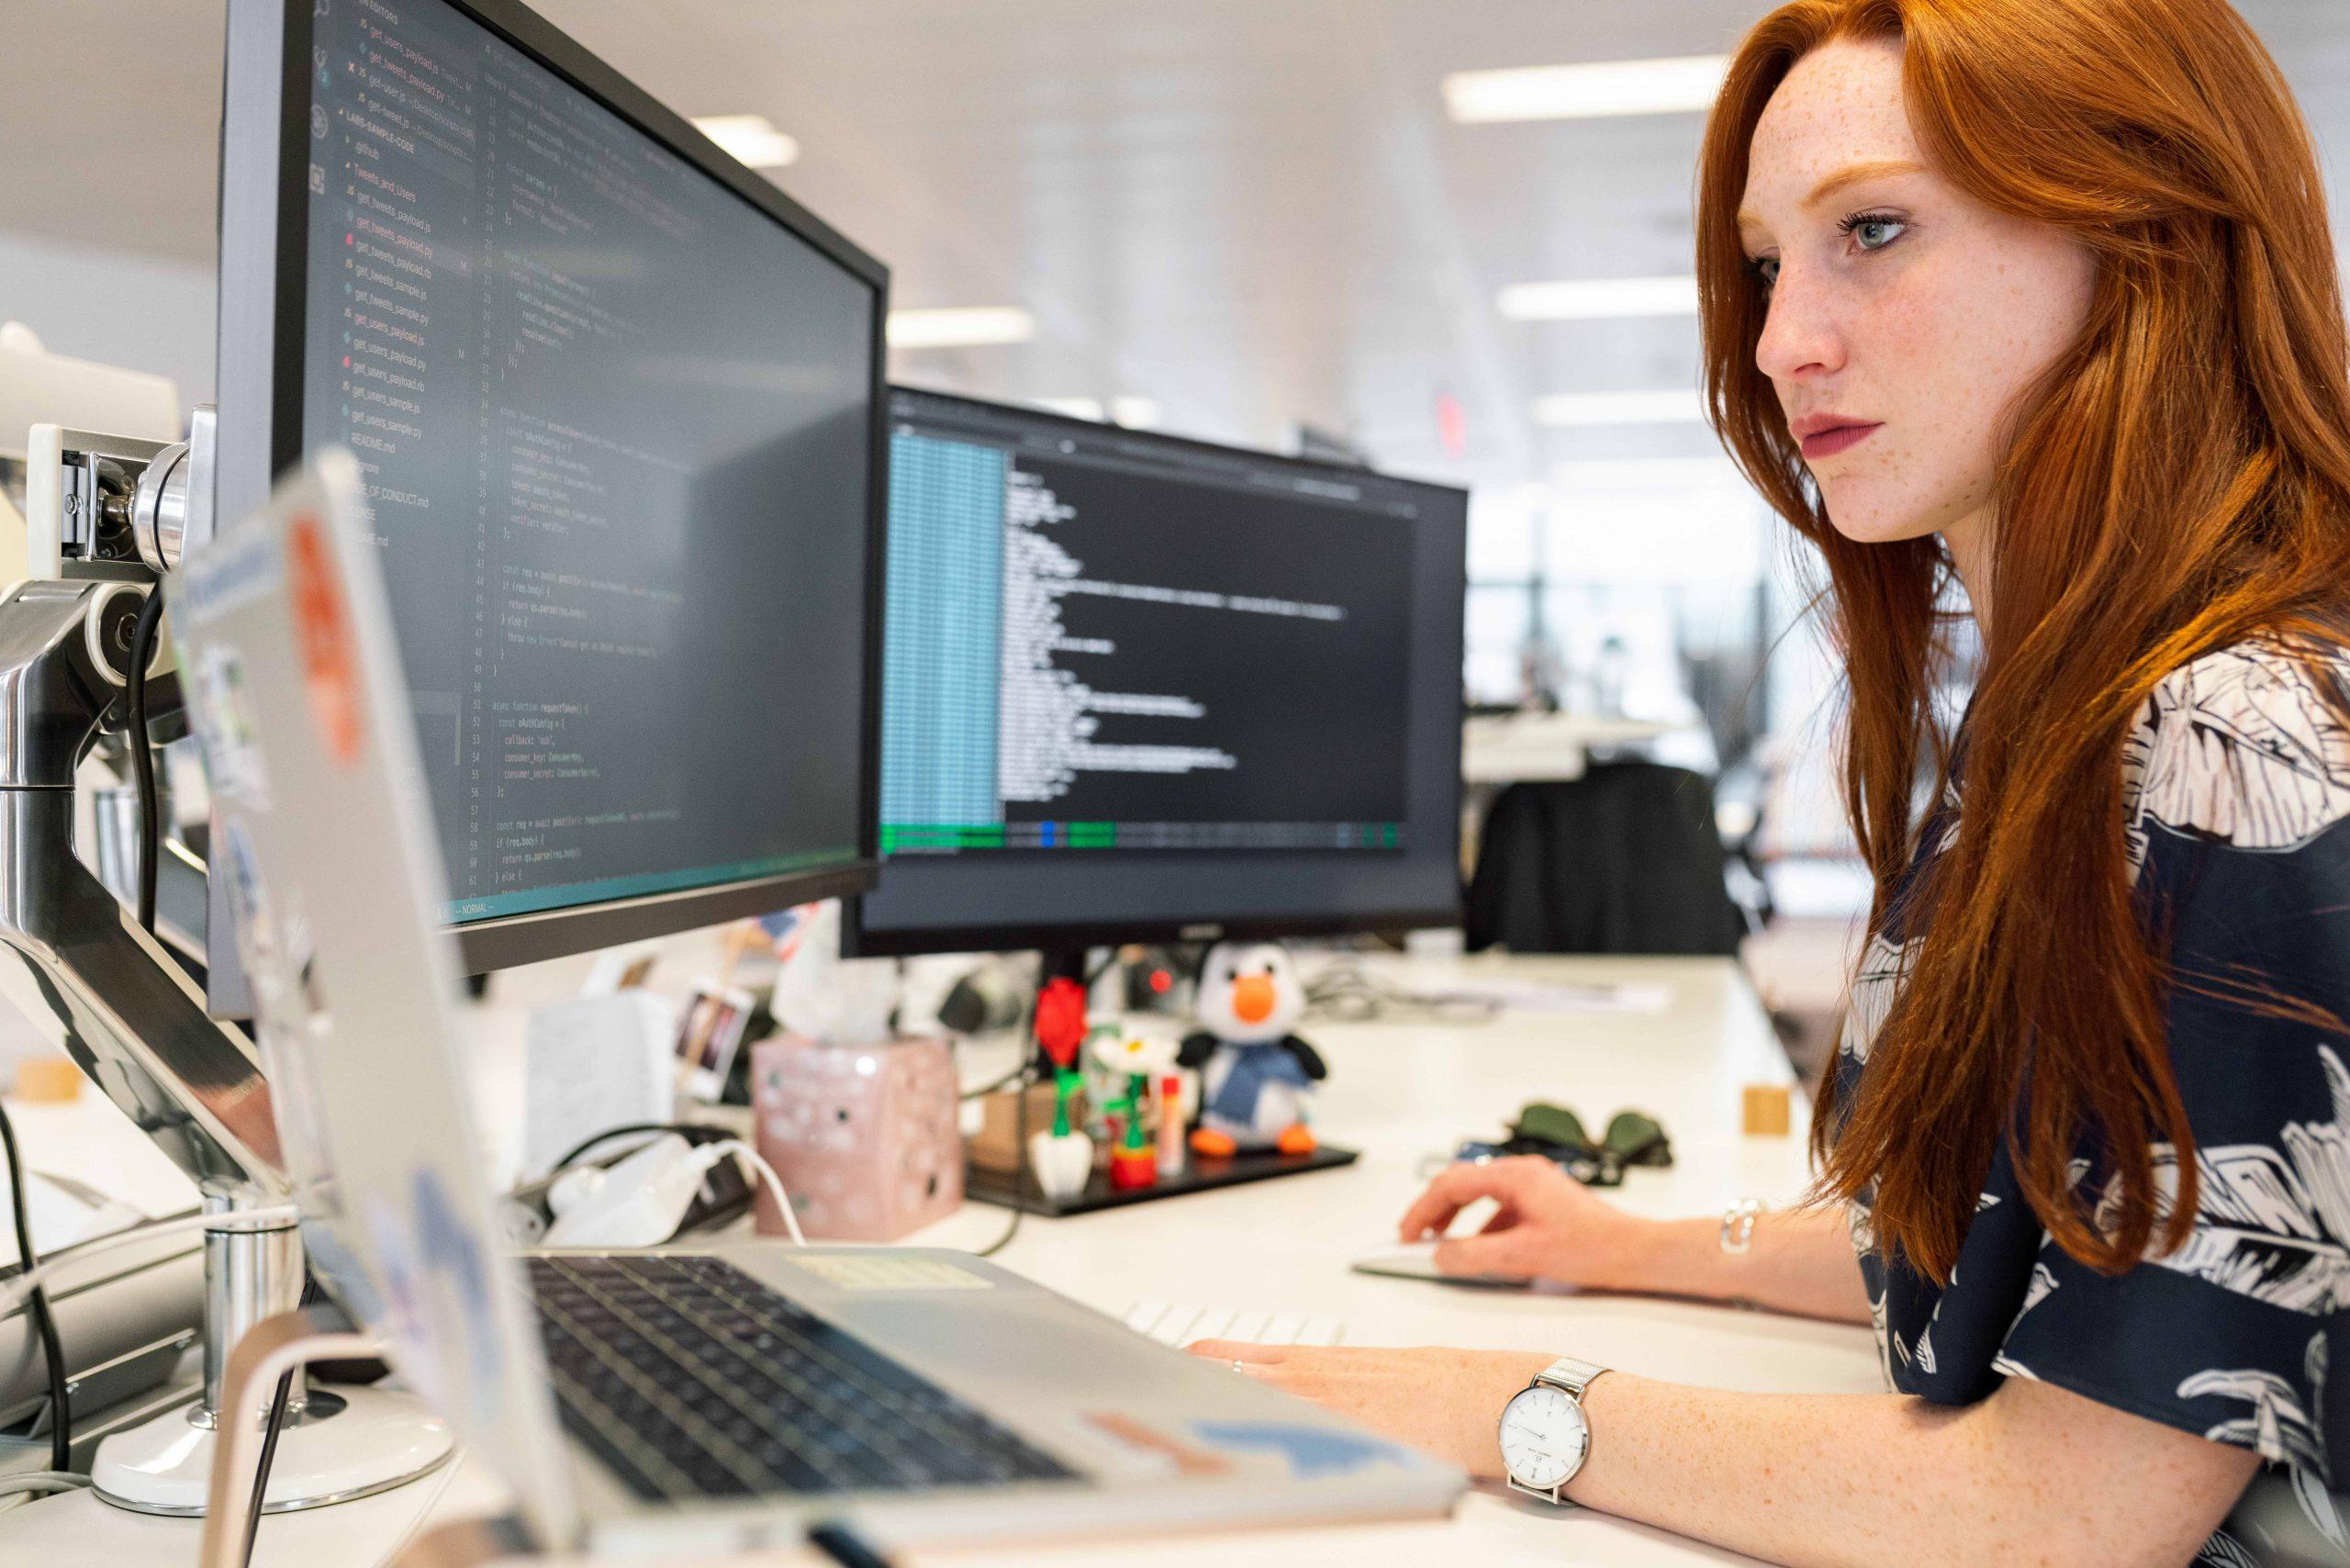 une développeuse qui regarde un ordinateur